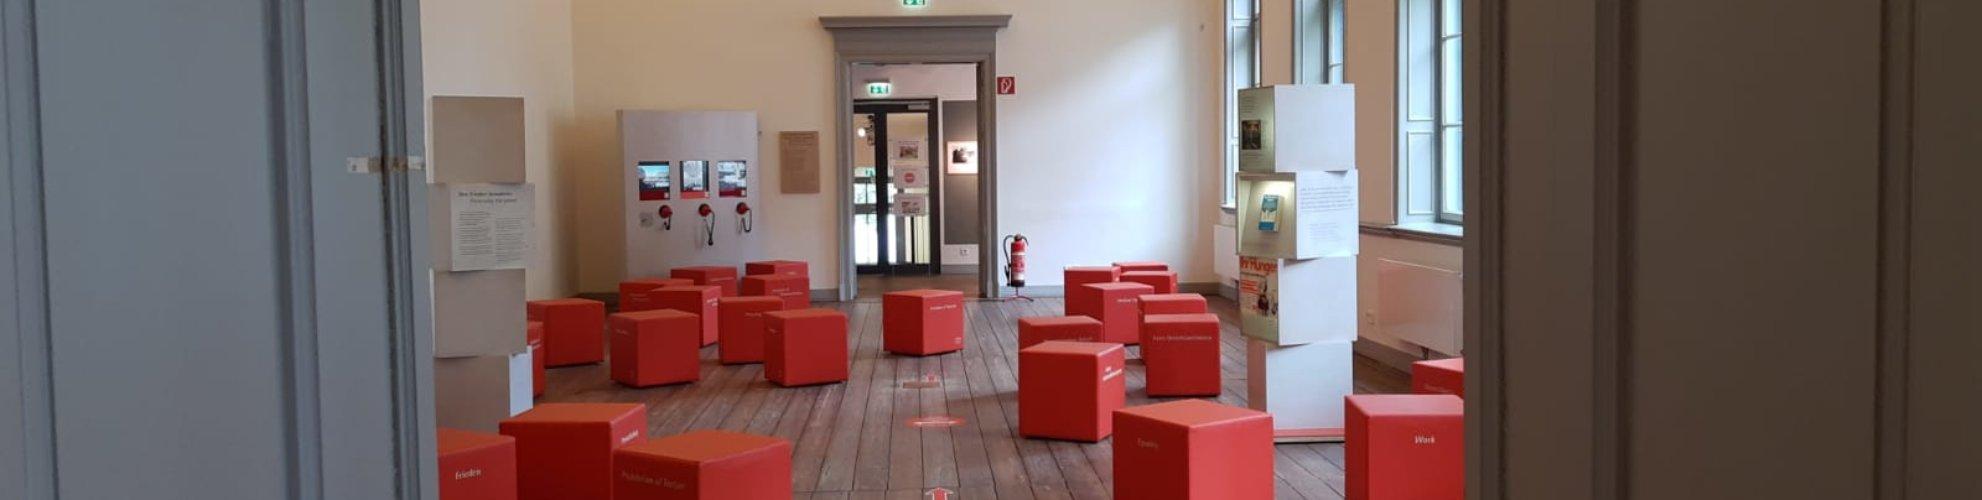 Willy-Brandt-Haus | Ausstellungsraum